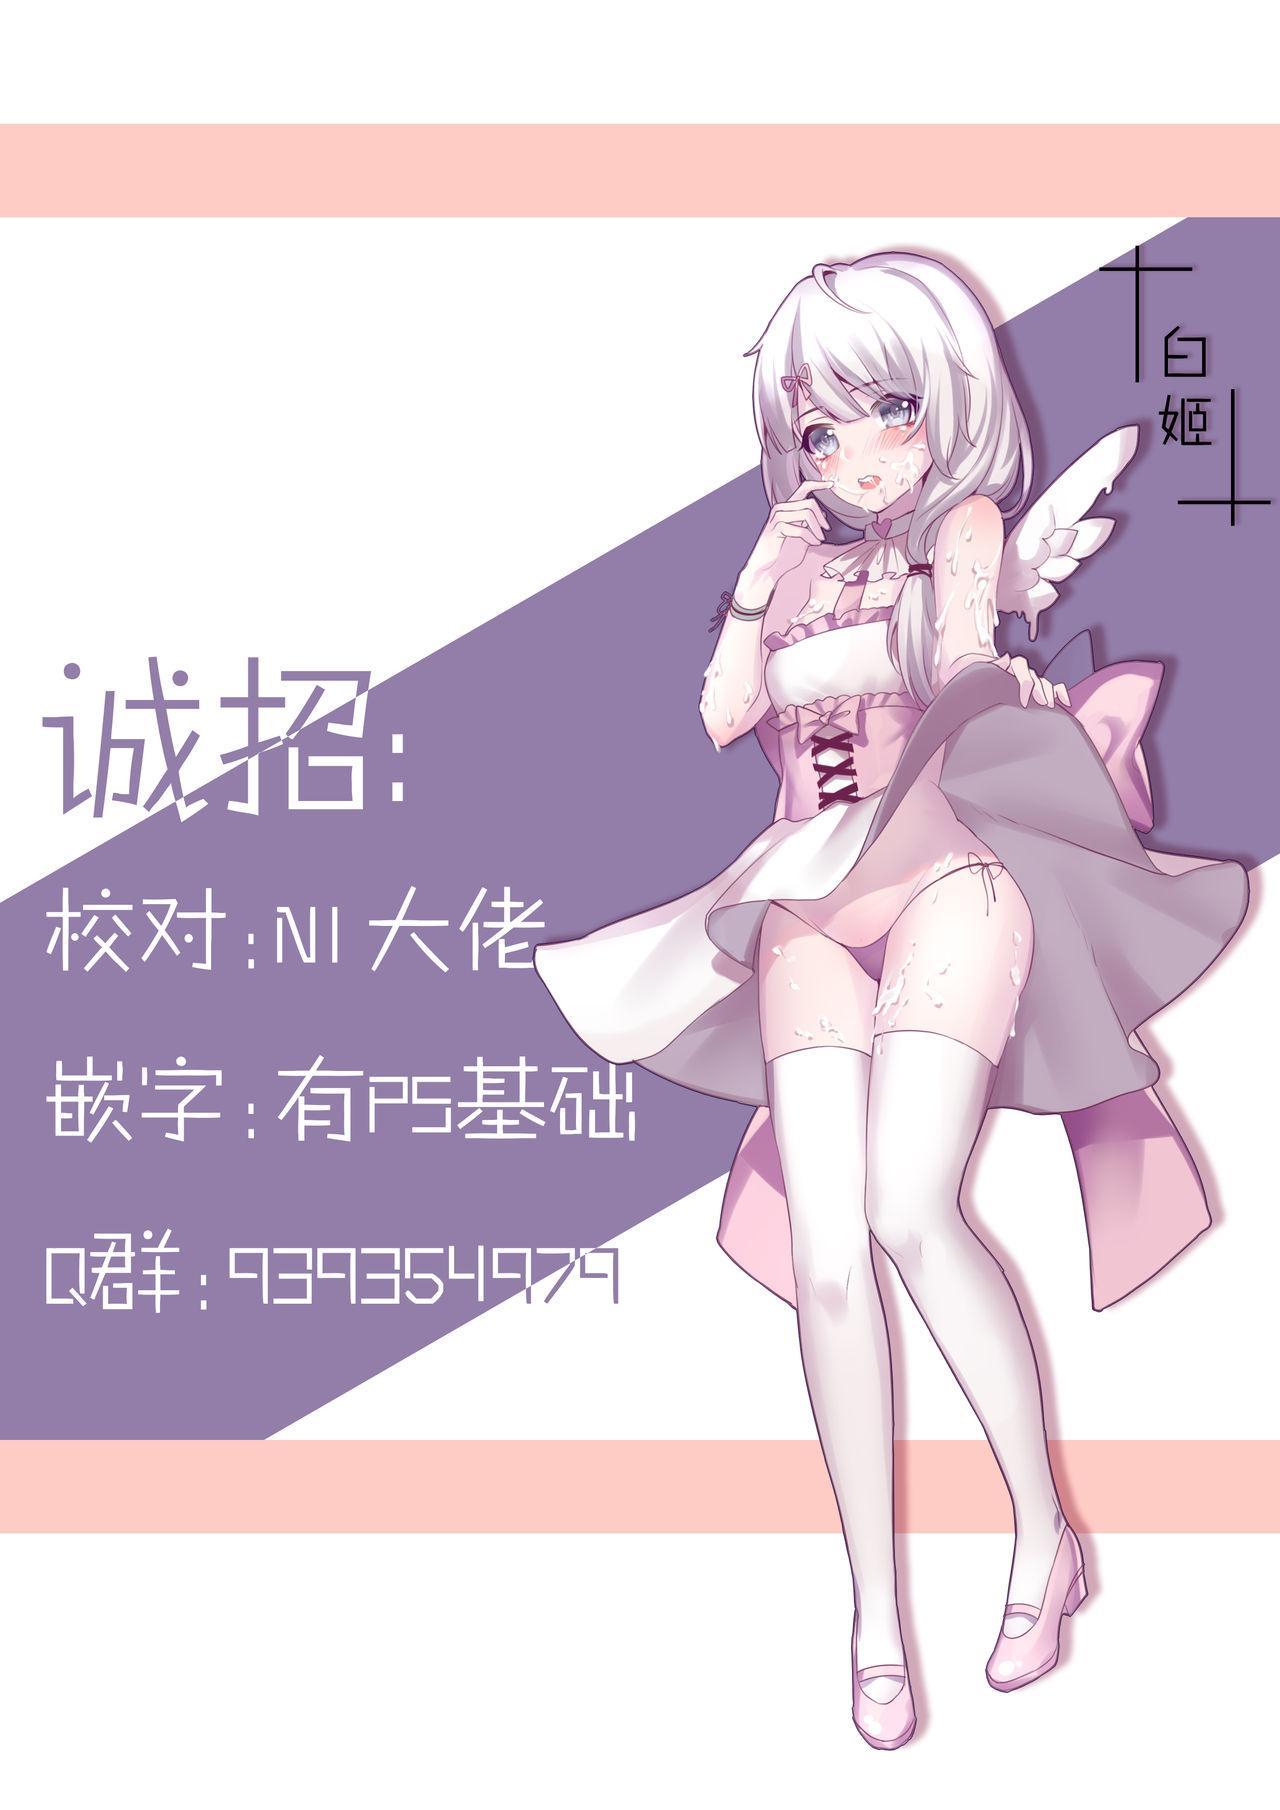 Hanayome no Tonari de 16